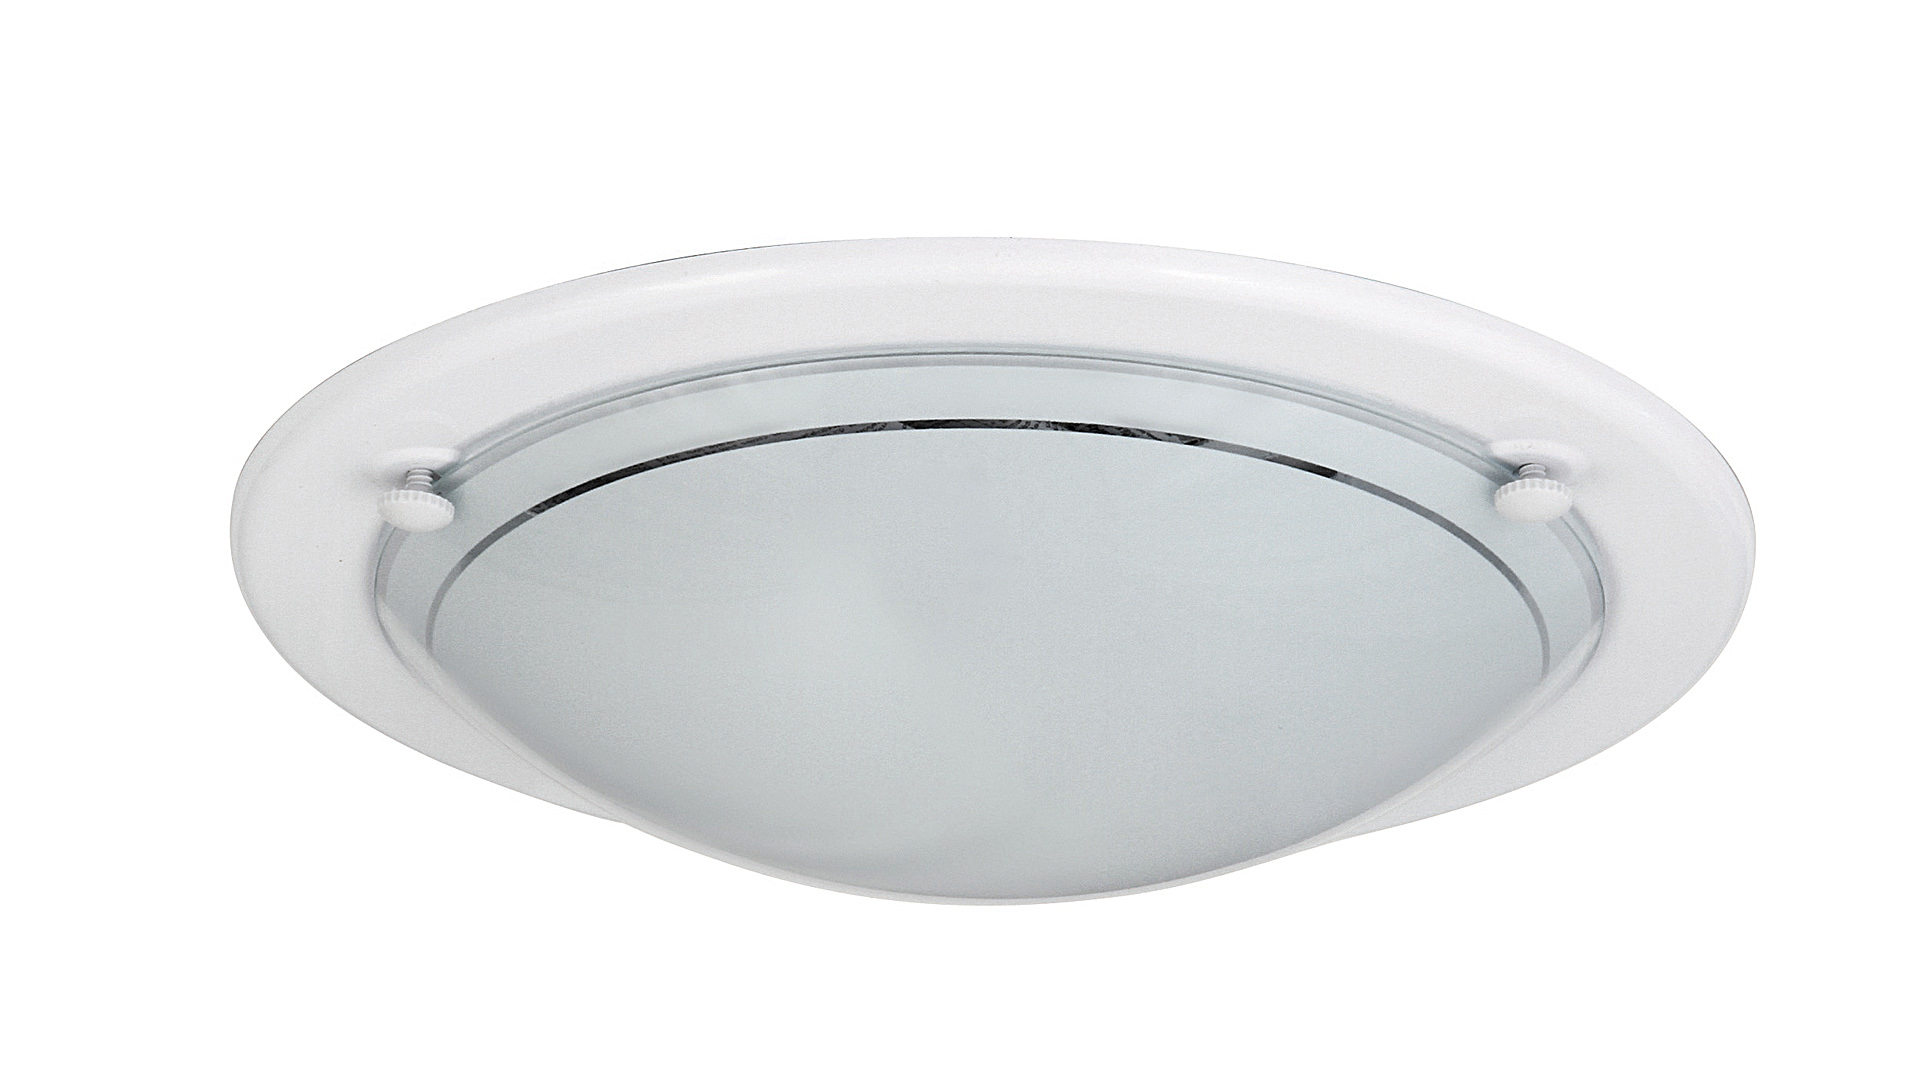 Fotografie Stropní / nástěnné svítidlo UFO, 1xE27, 60W, 28,5cm, kulaté, bílé Rabalux UFO 005101 Rabalux